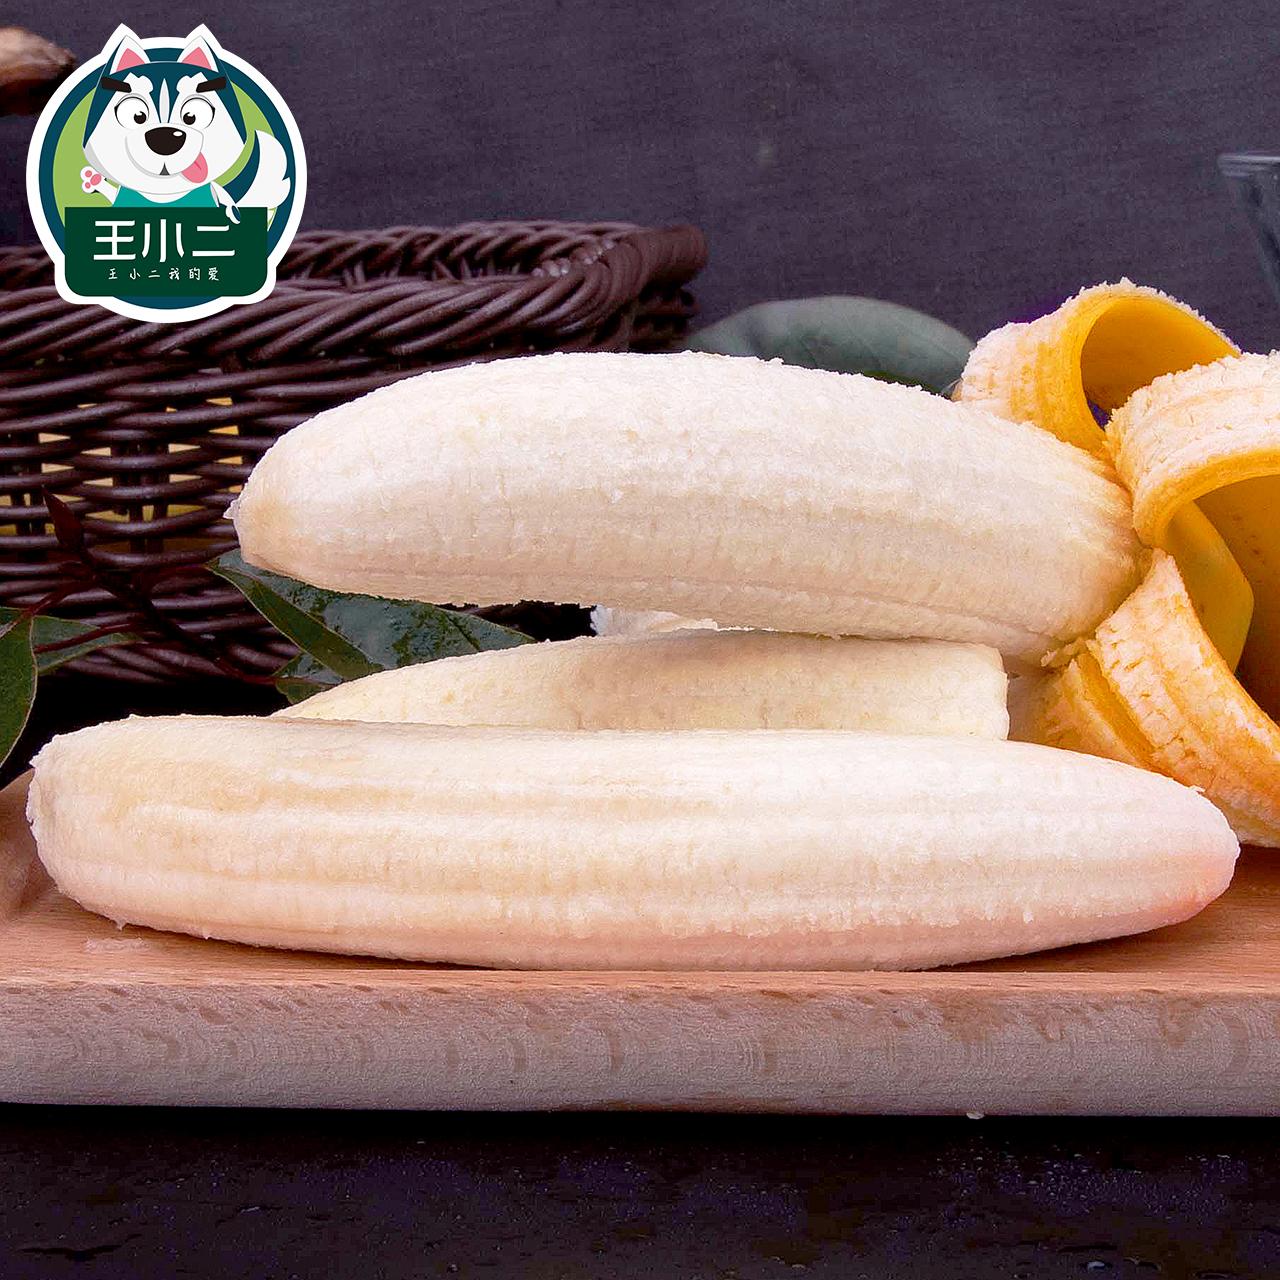 王小二福建漳州红美人香蕉新鲜水果包邮当季红皮芭蕉米蕉带箱10斤高清大图